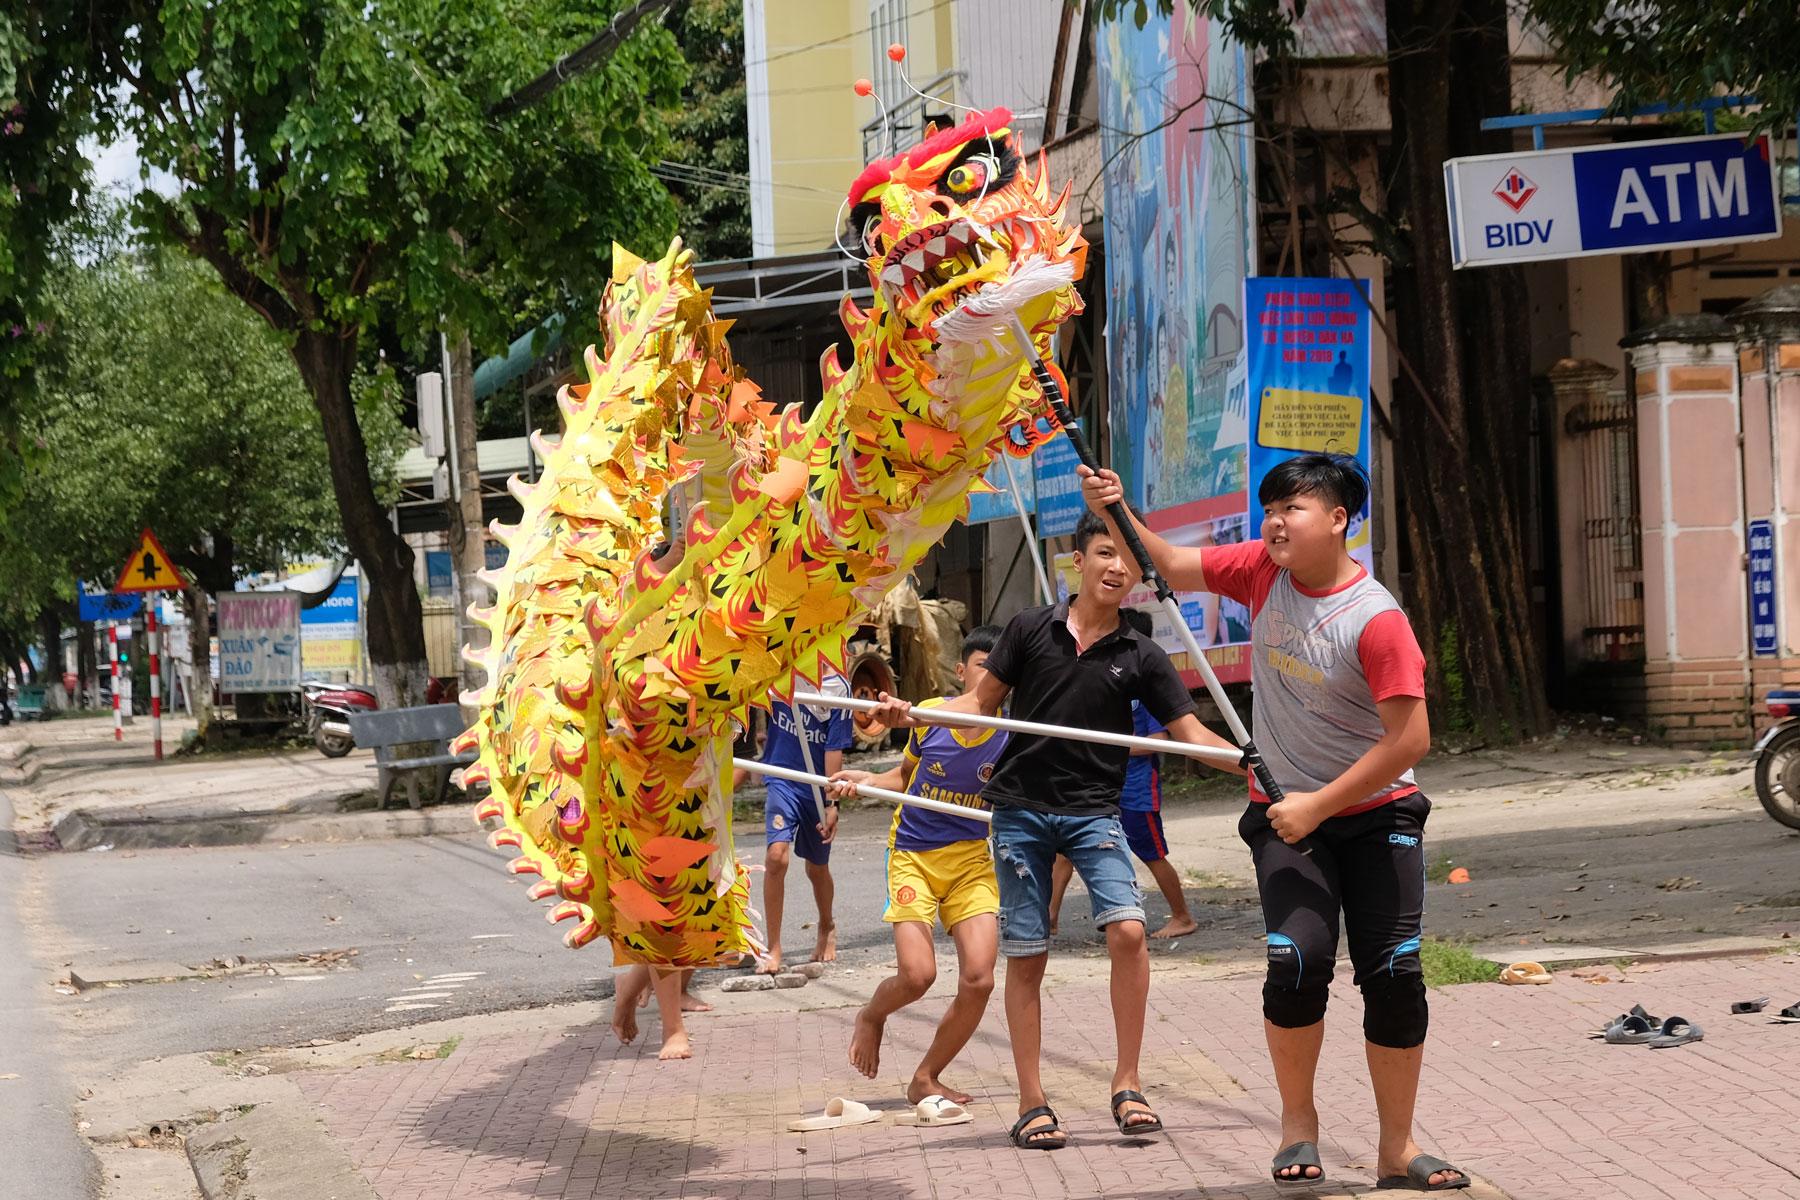 Jungen balancieren einen großen Papierdrachen auf langen Stöcken in Vietnam.